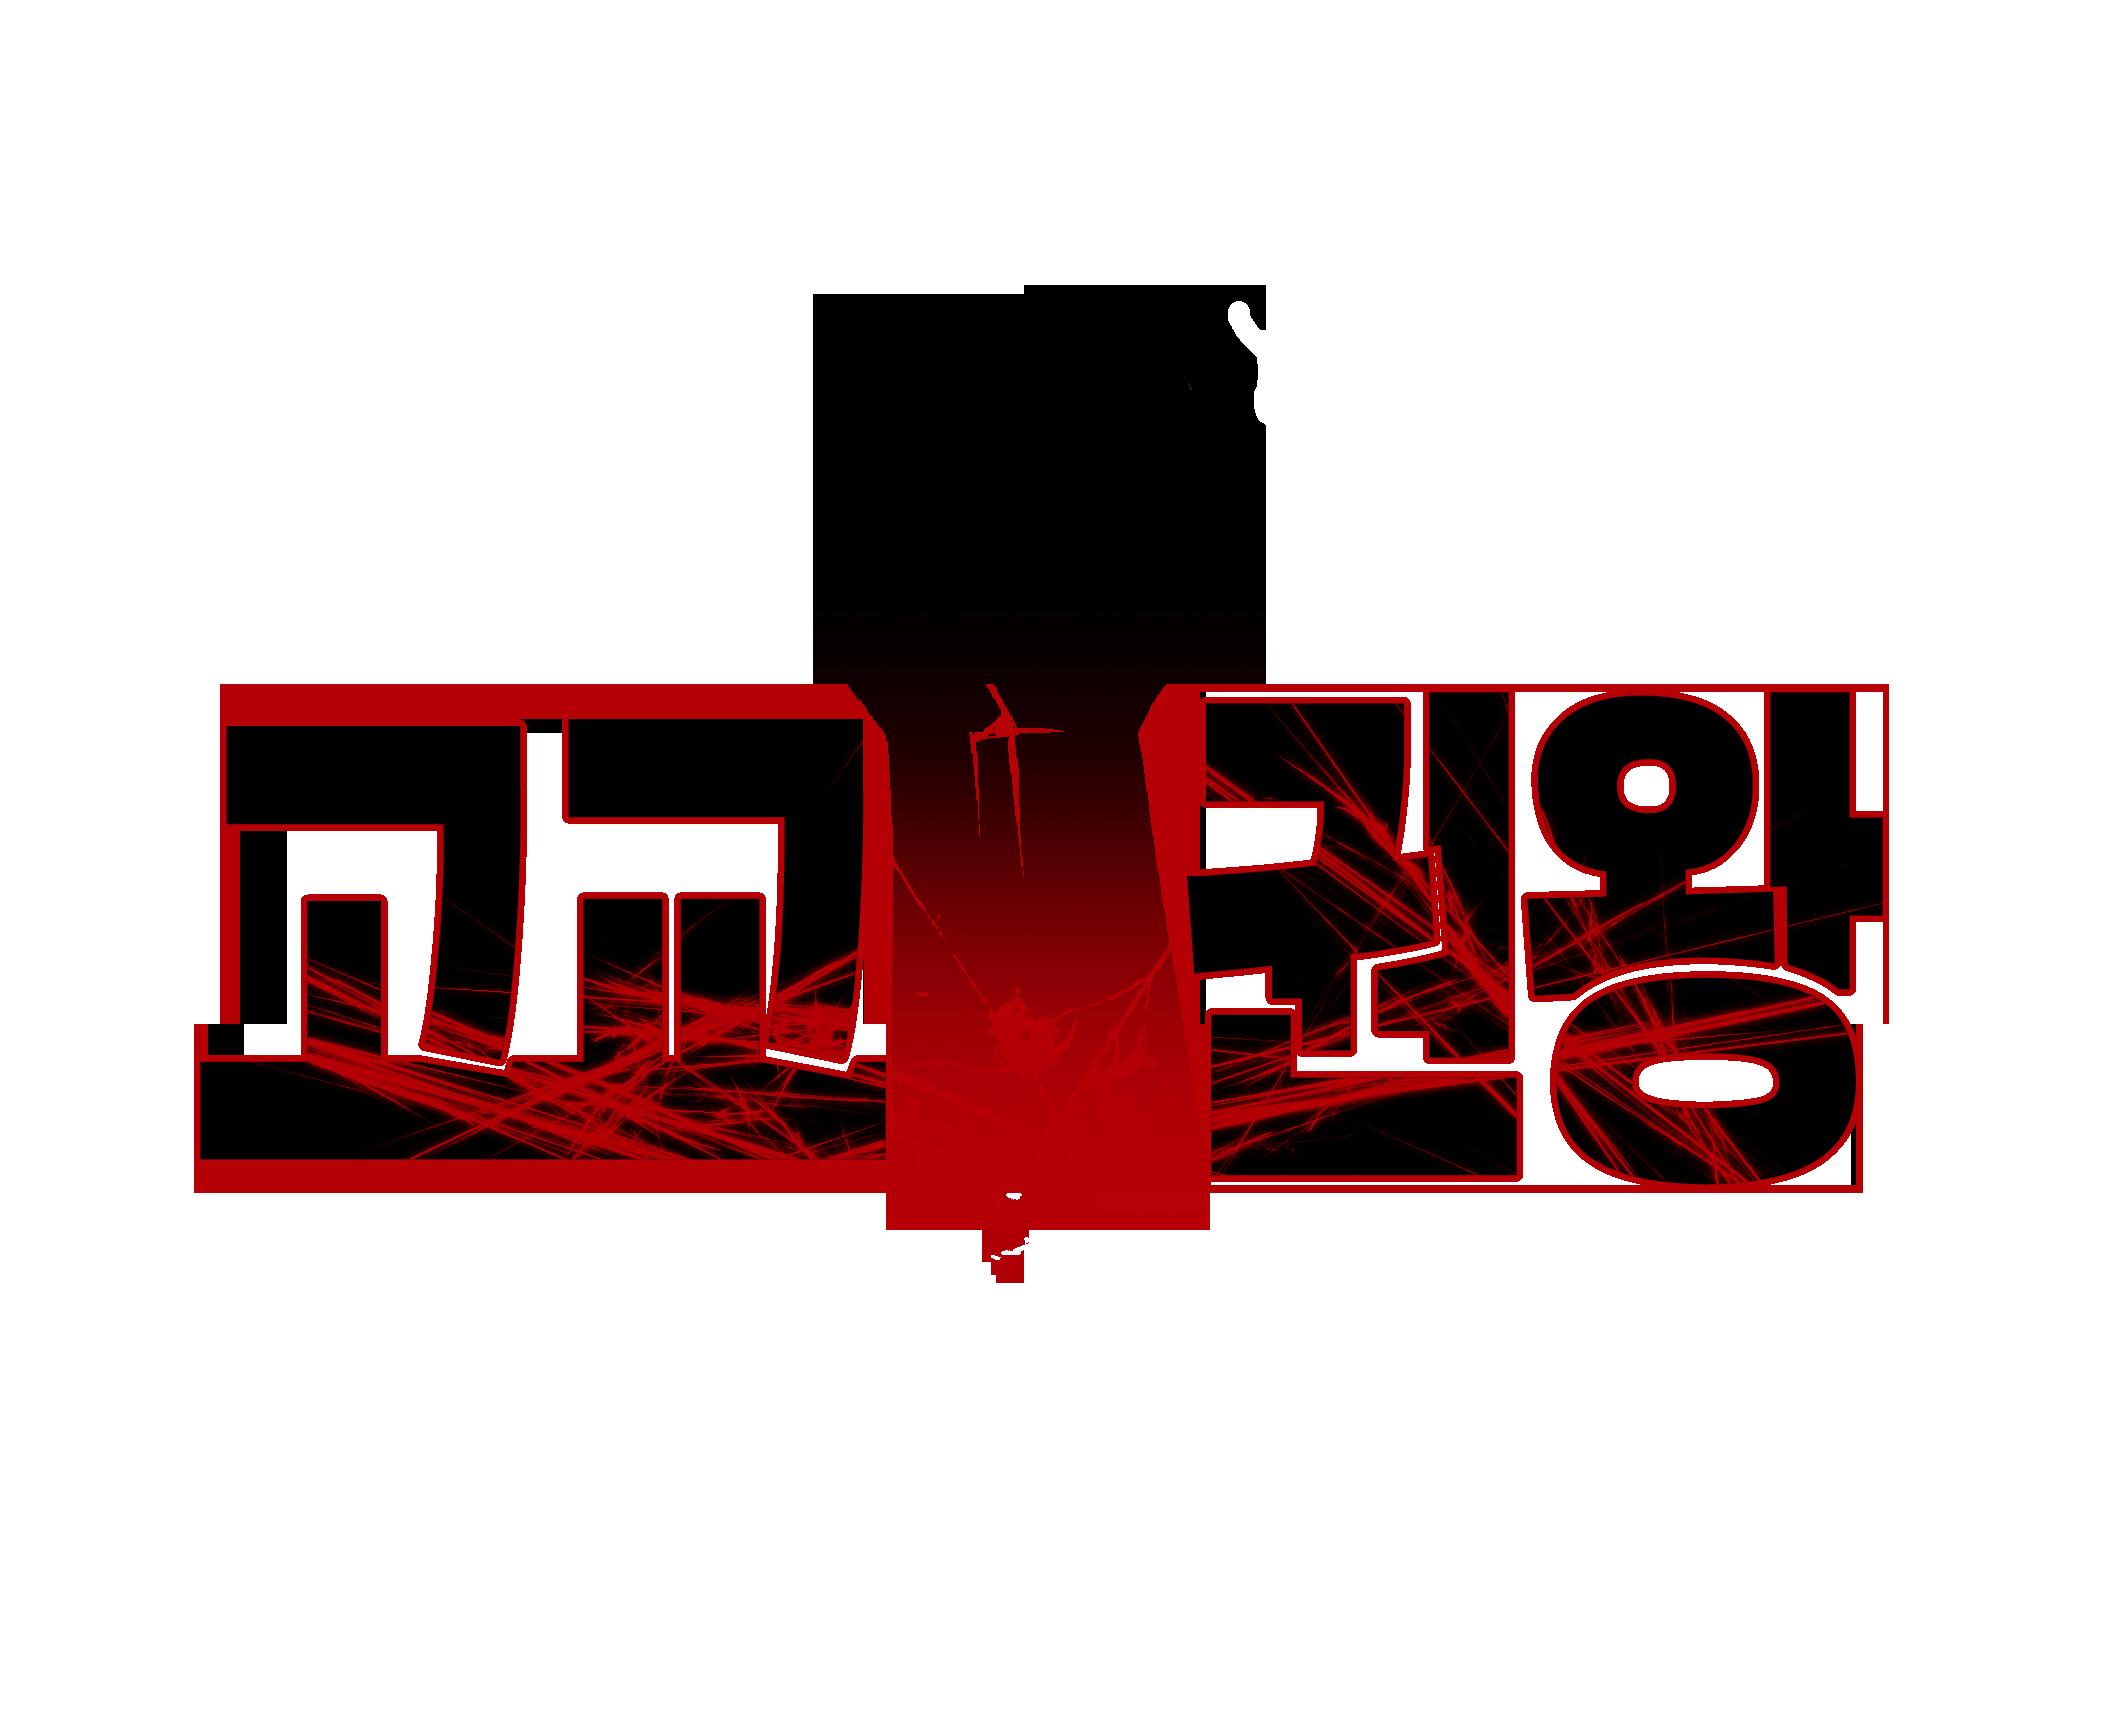 고교권왕 제목 로그.png